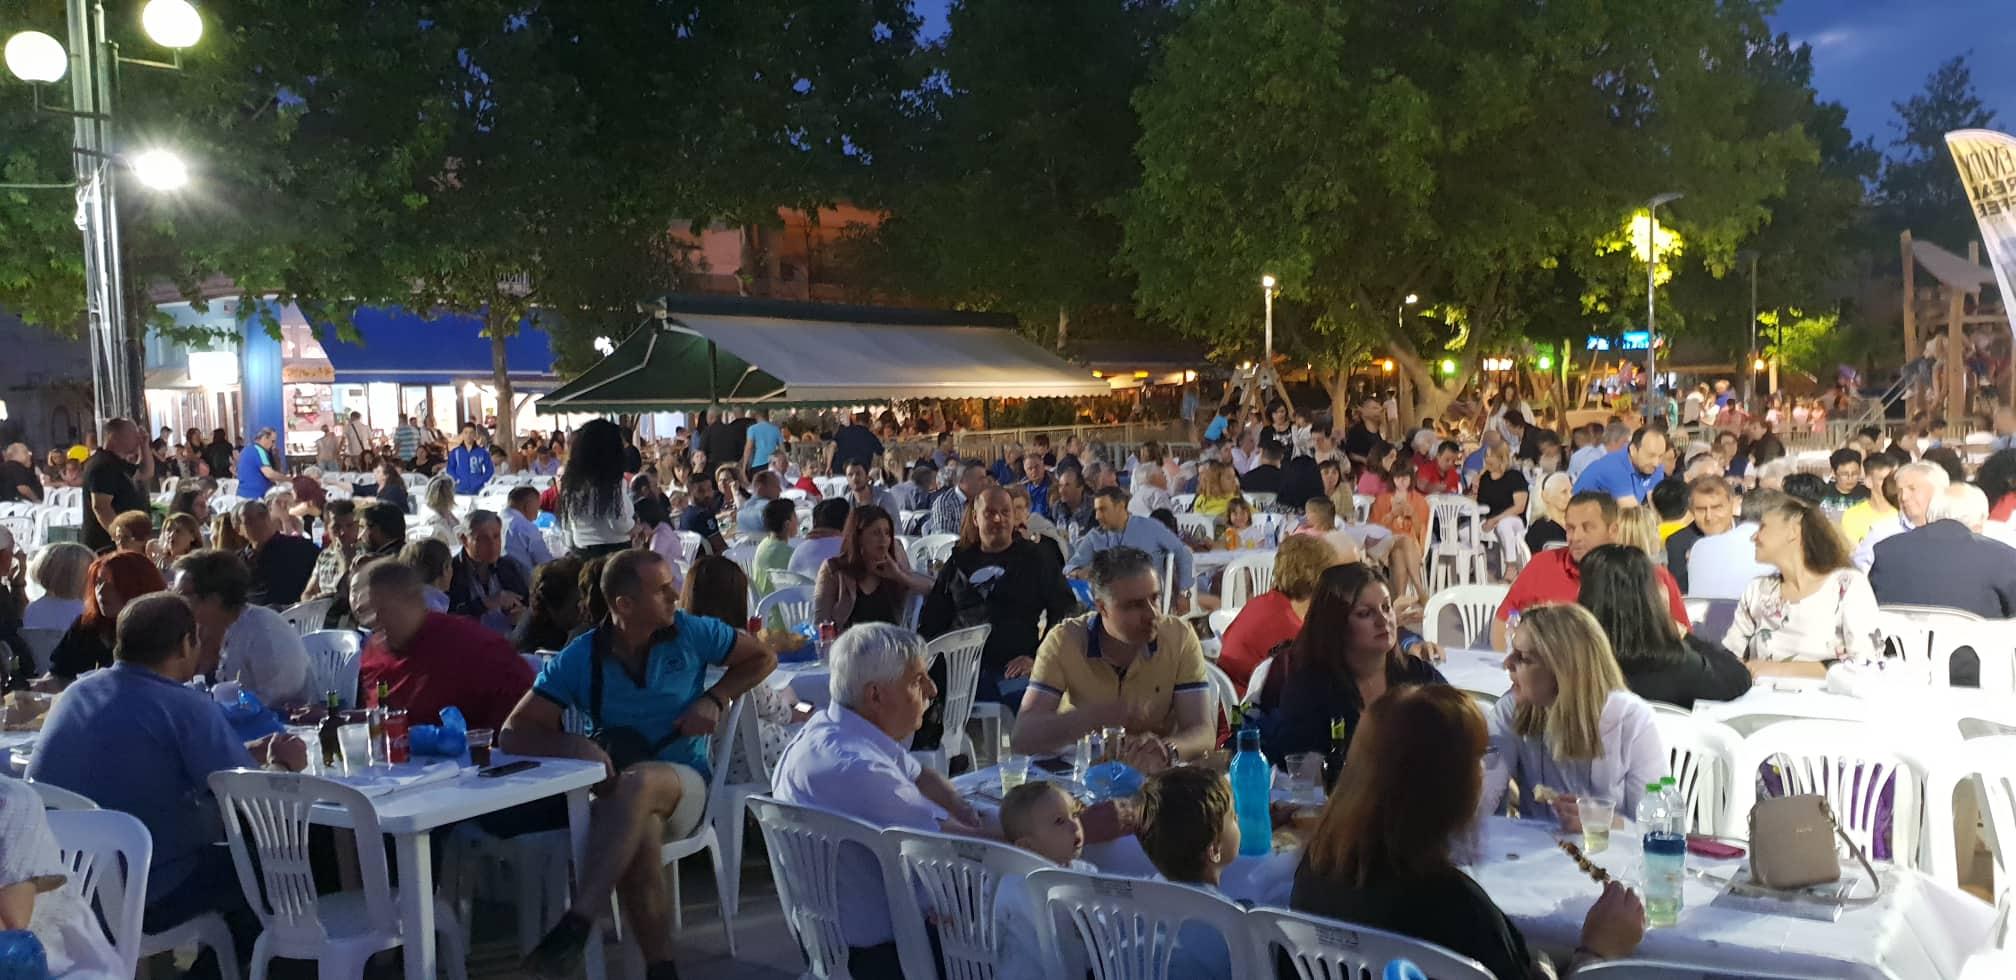 Γέμισε η πλατεία στο Αβέρωφ! – Πλήθος Λαρισαίων στις εκδηλώσεις για τον εορτασμό της Ανάληψης του Σωτήρος (ΦΩΤΟ)